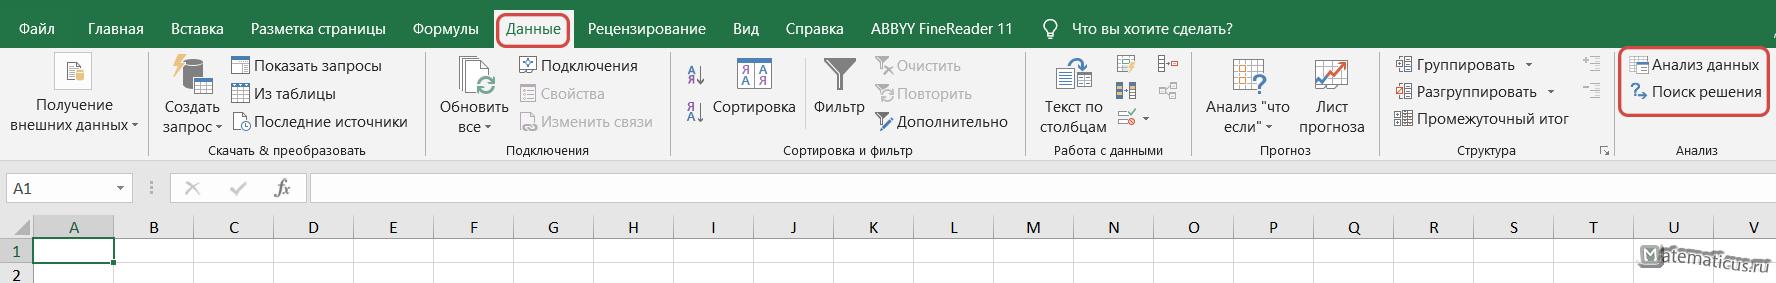 анализ данных и поиск решения Excel